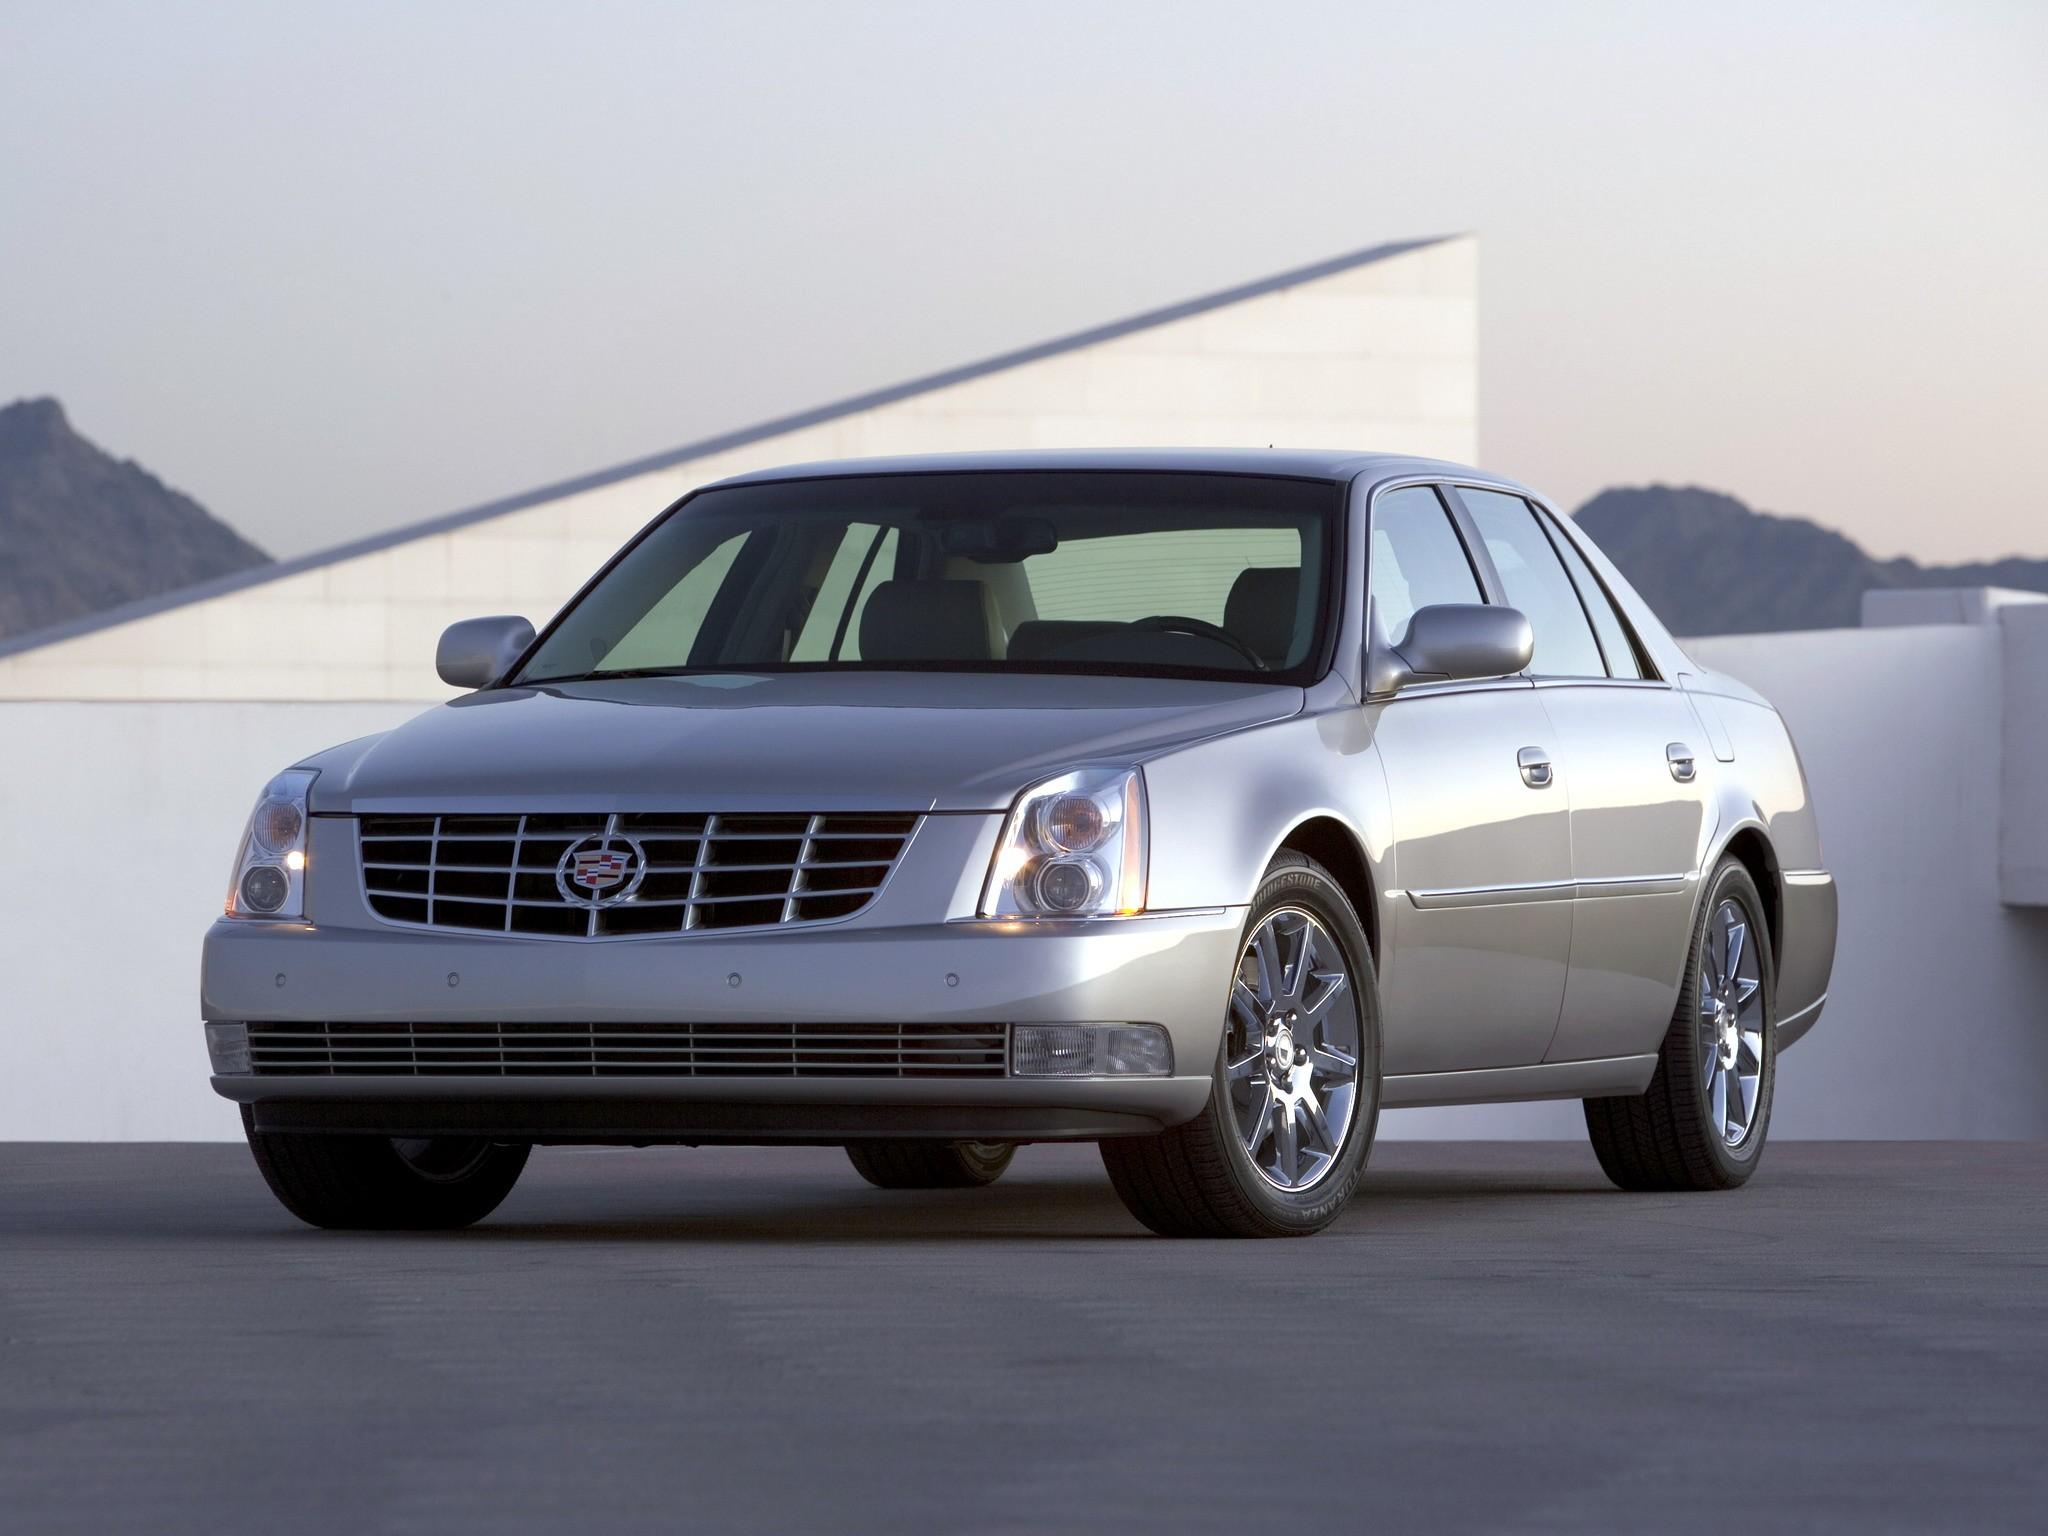 dts cadillac 2008 autoevolution cars 2009